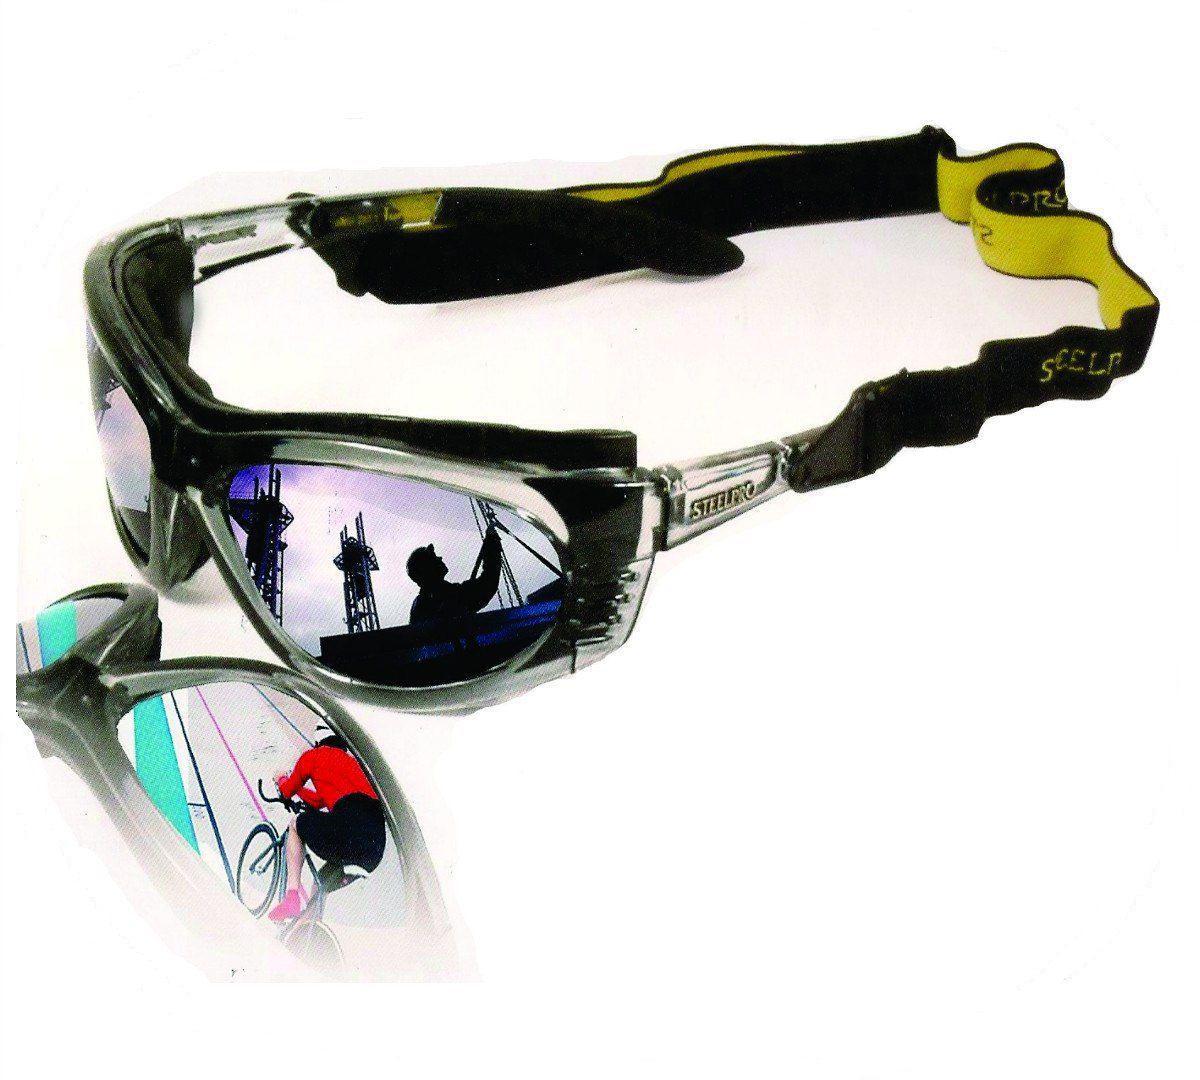 Óculos Steelpro Turbine Lente Escura Esportes - Vicsa - steelpro - Óculos  de Proteção para Tiro Esportivo - Magazine Luiza fb8b549066